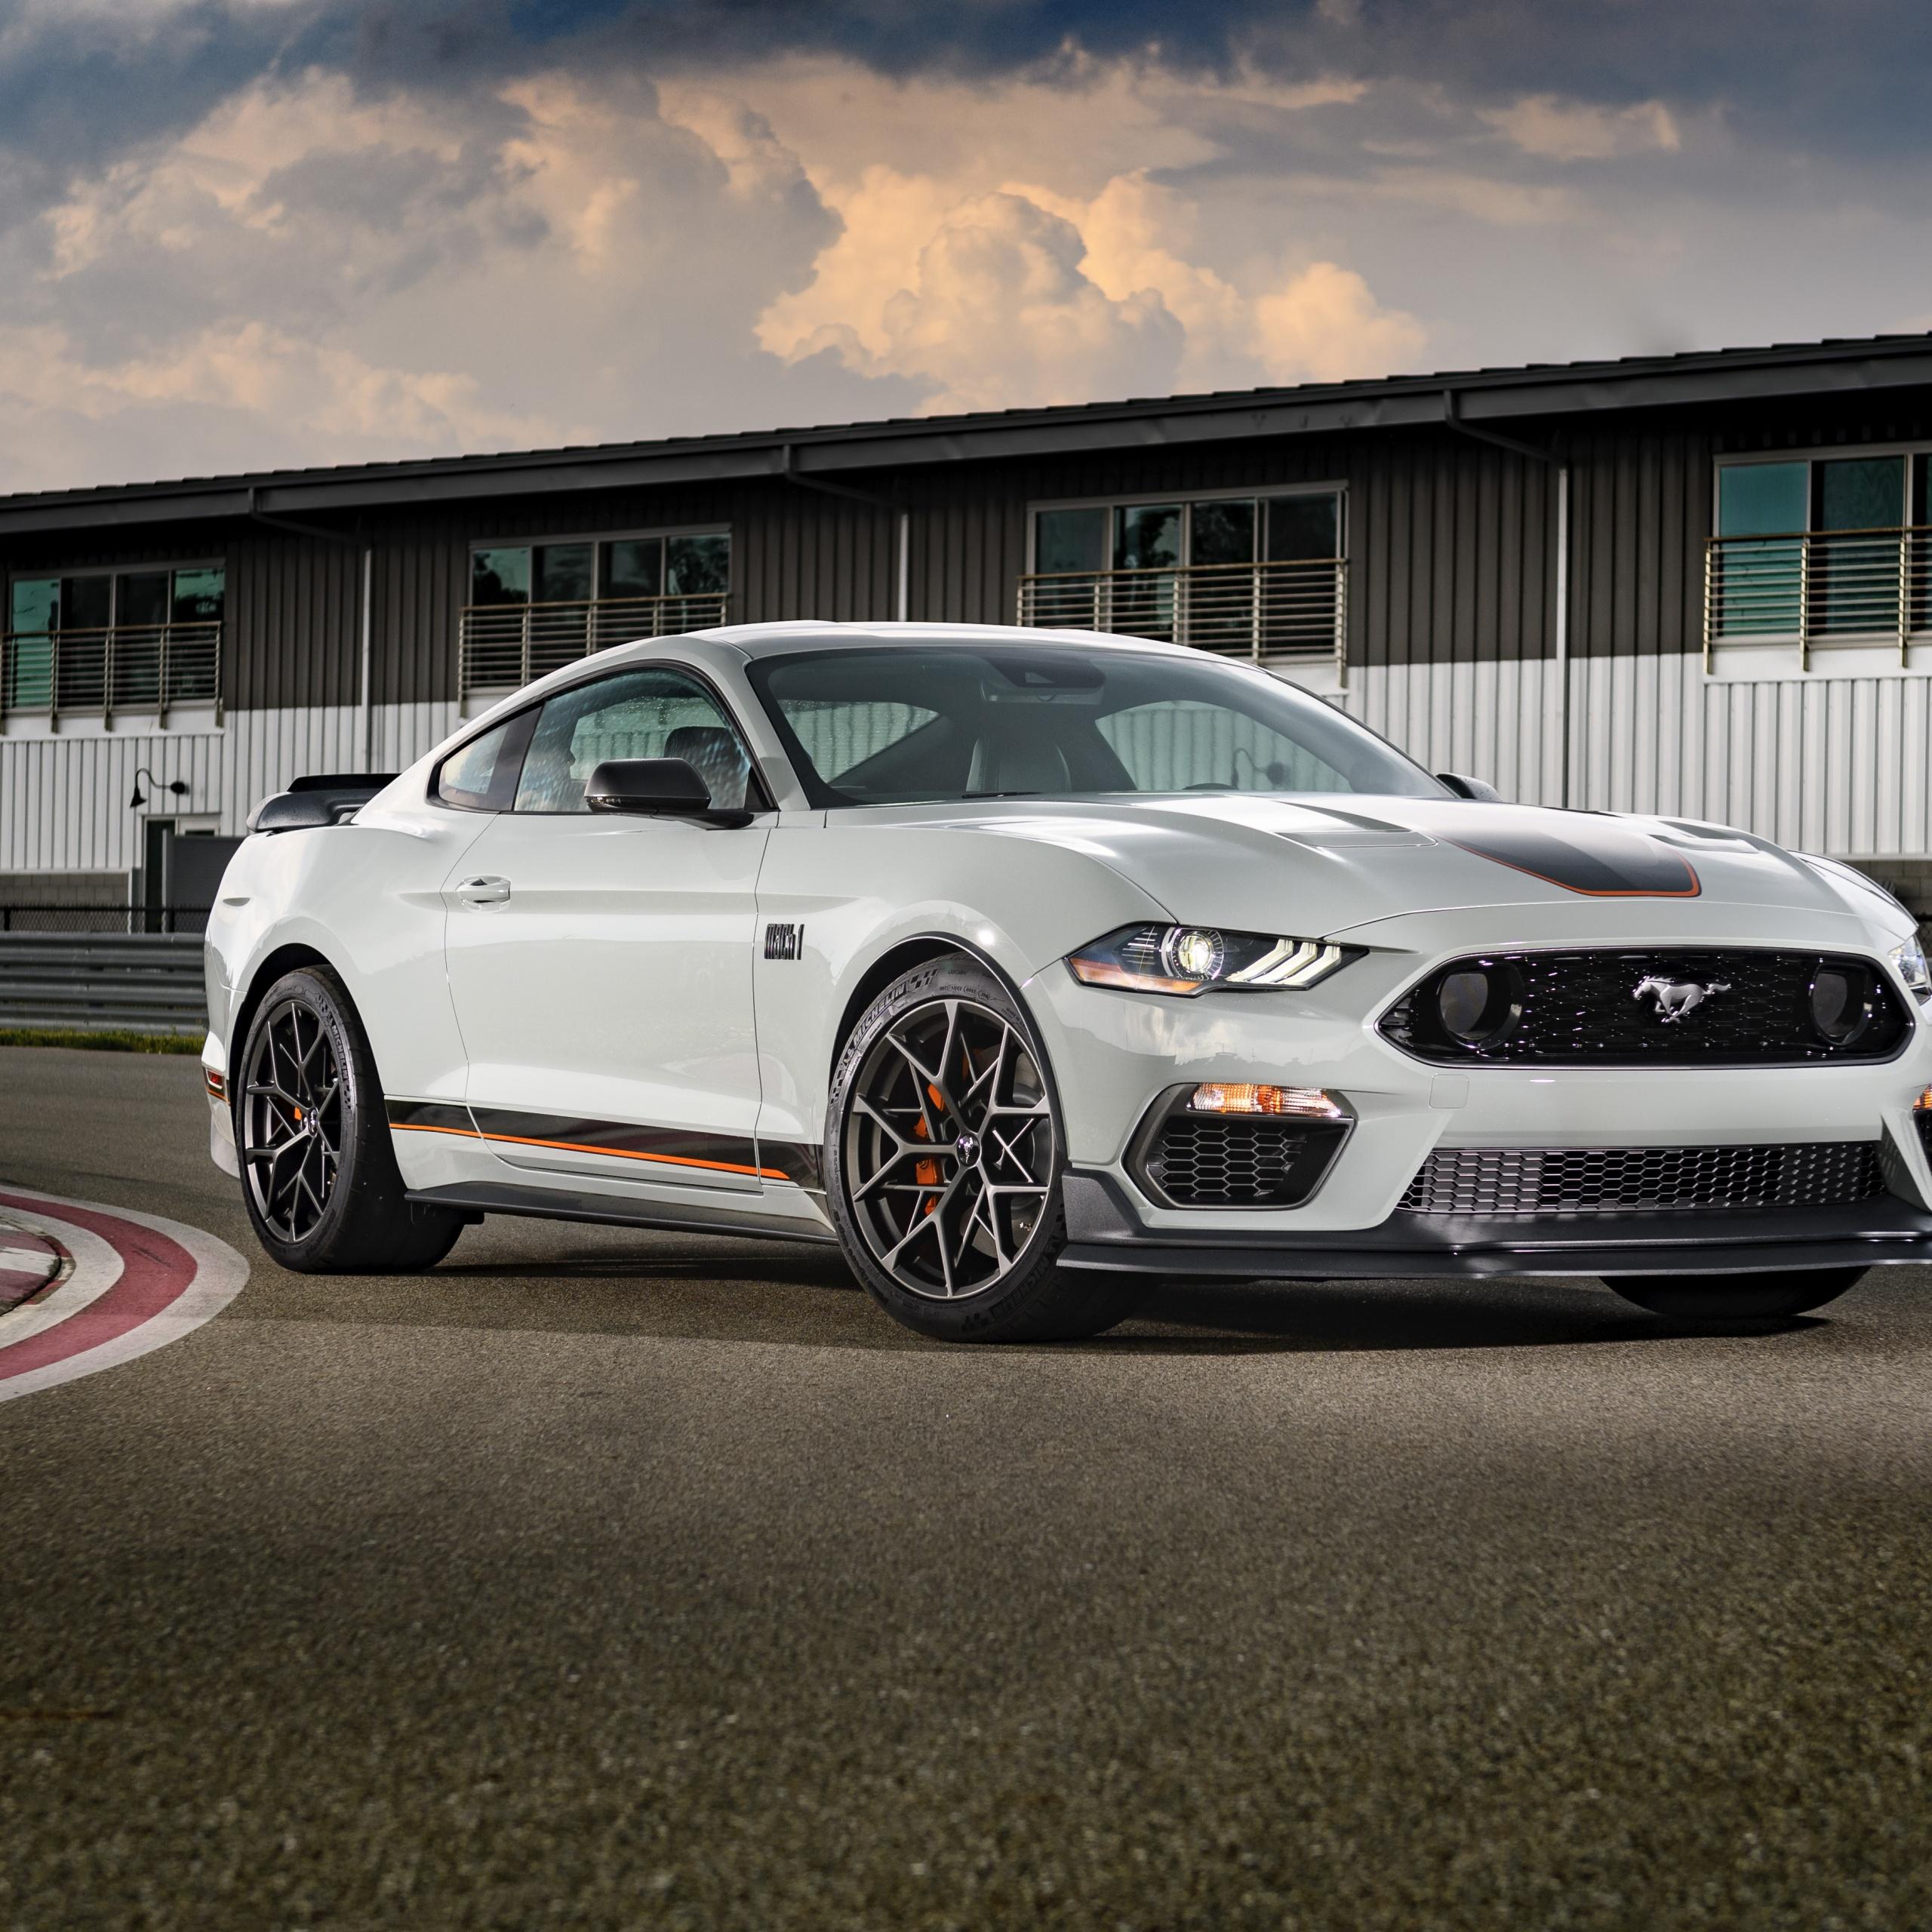 Ford Mustang Mach 1 4K Wallpaper, Handling Package, 2021